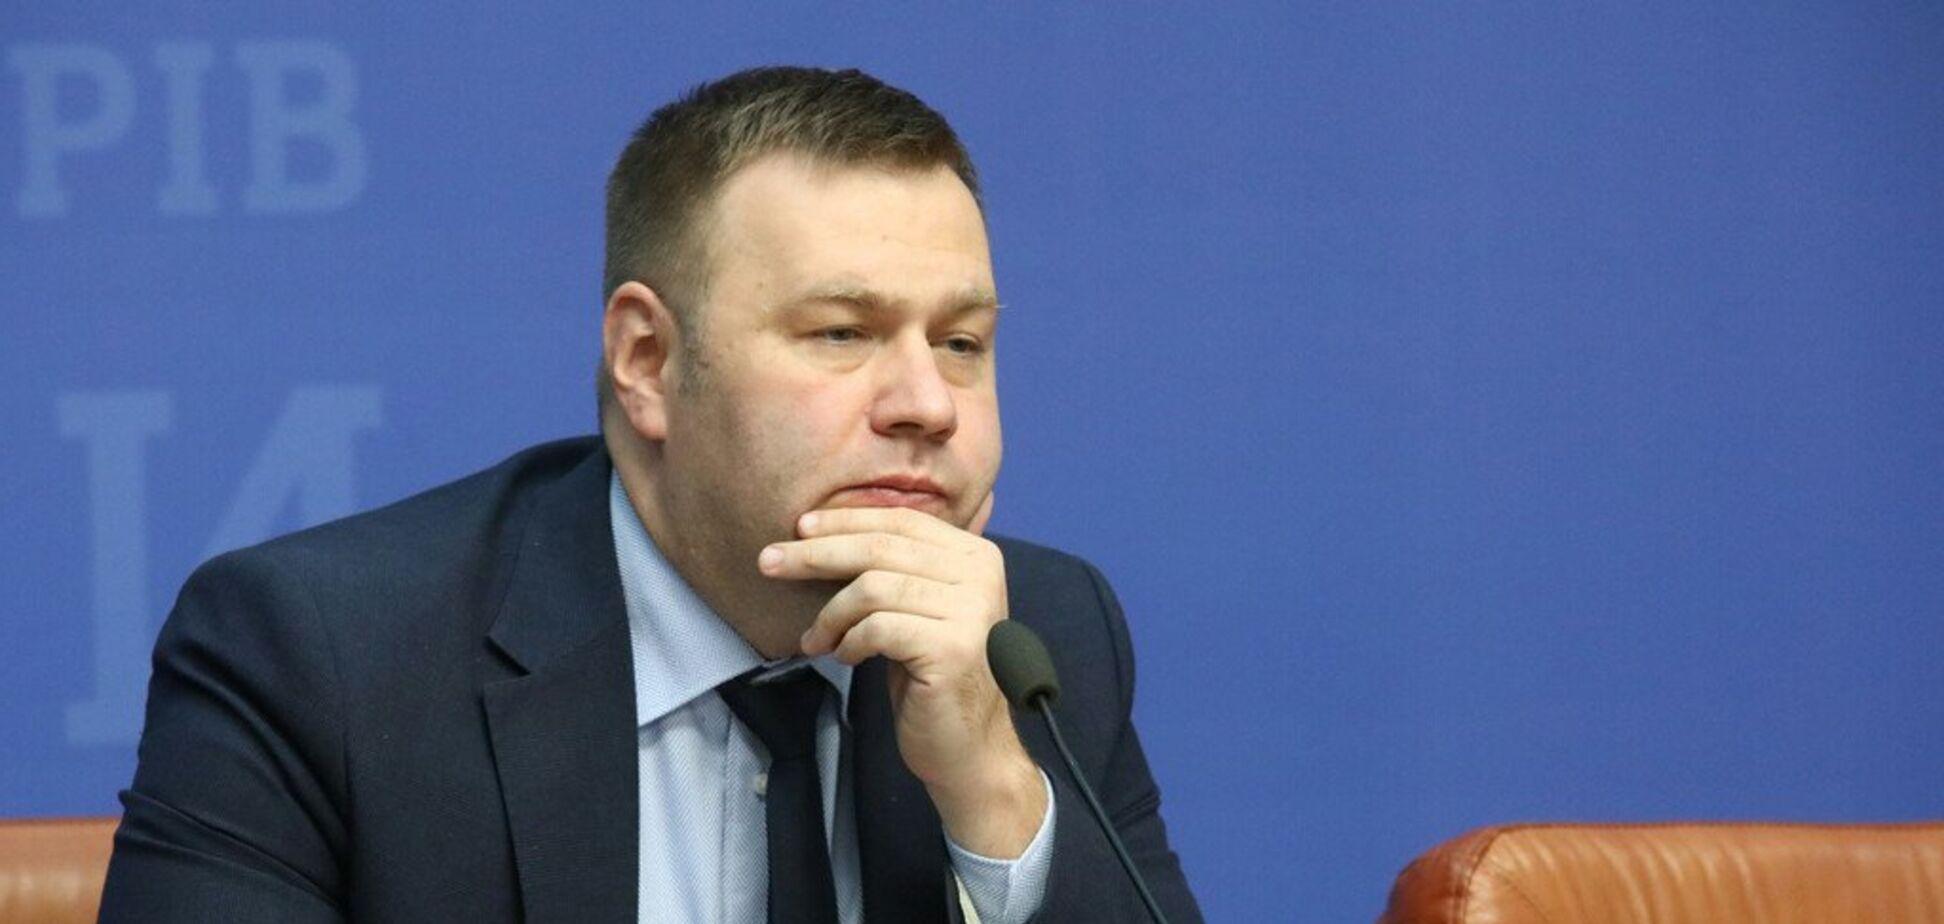 Українці заплатять за газ на 25% менше: у Кабміні відзвітували про 'перемогу'